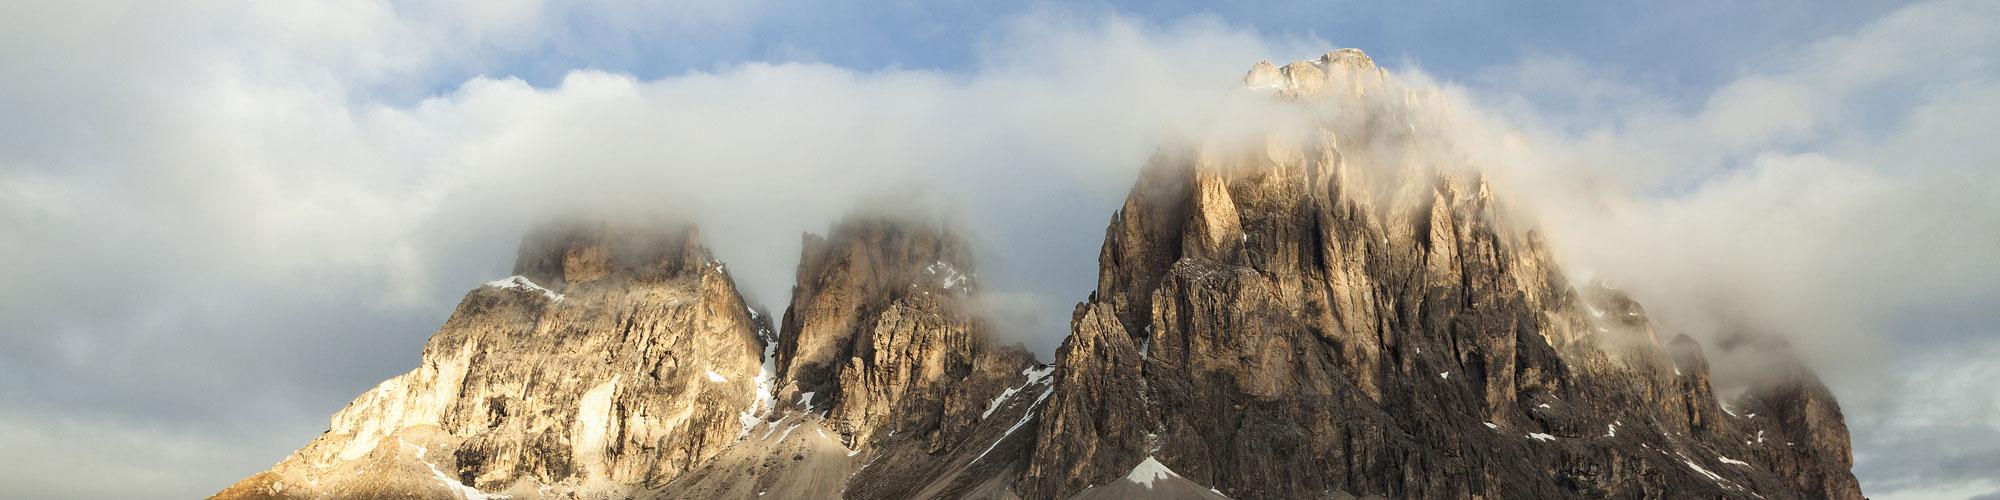 ©Kristel Schneider - fotoreis Dolomieten Italië